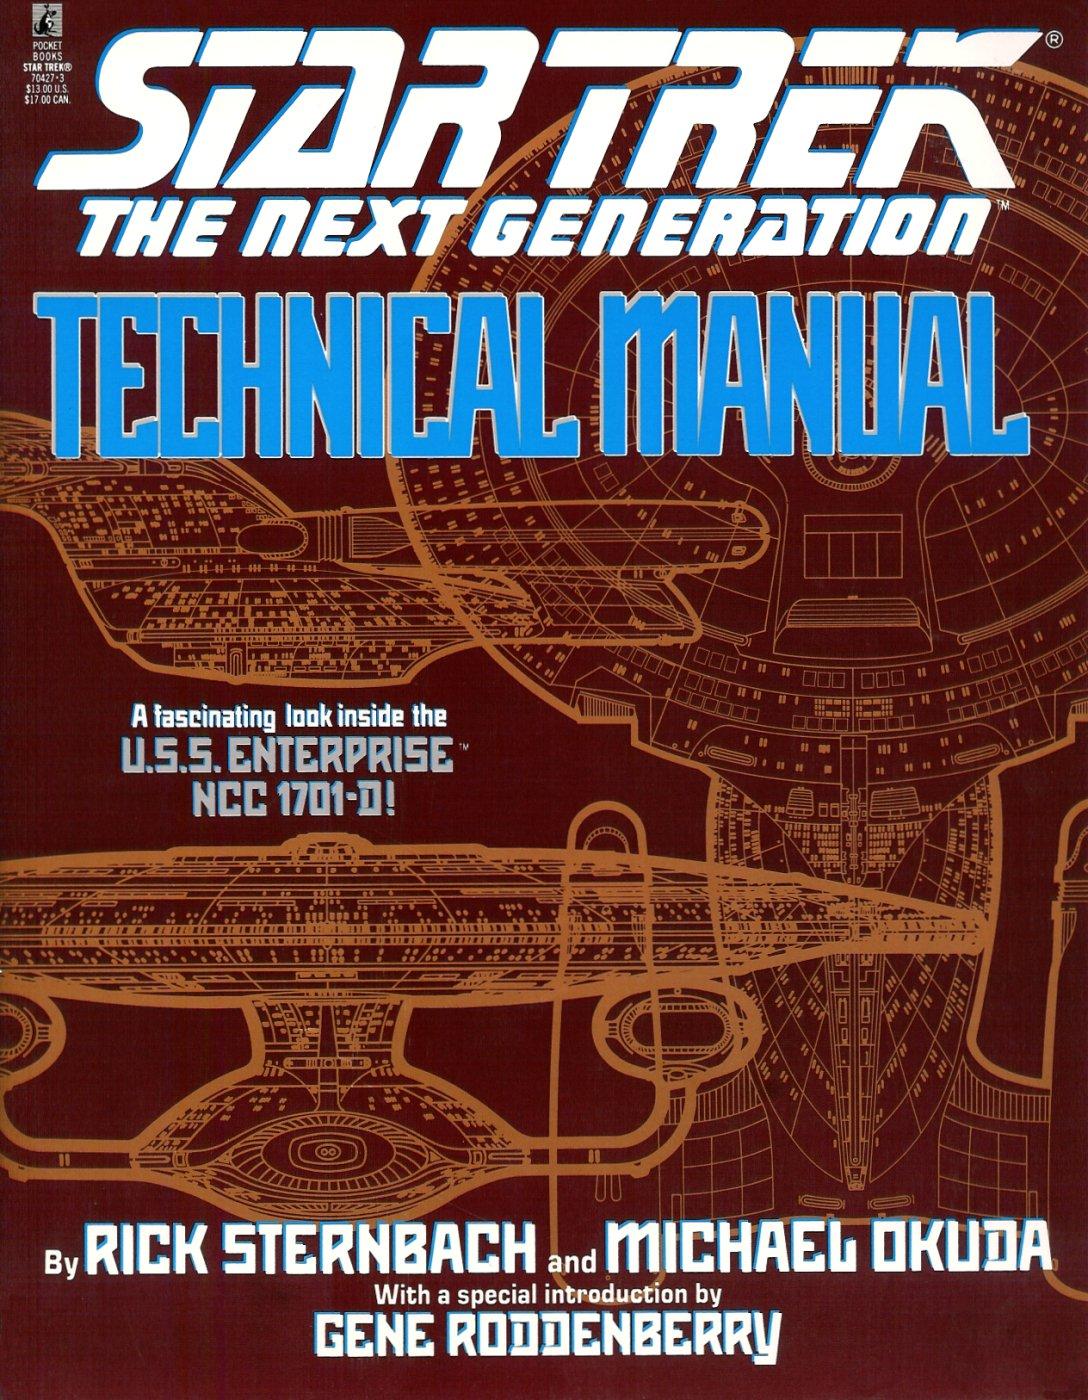 latest?cb=20120415173604&path-prefix=en Uss Voyager Schematics on sci-fi spaceship schematics, star trek warp drive schematics, star trek shuttle craft schematics, uss x-1, 1701-d schematics, uss defiant specs, star trek ship schematics, gilso star trek schematics, yamato 2199 schematics, uss enterprise plans, firefly ship schematics, uss enterprise d refit, starship enterprise schematics, uss enterprise ncc-1701 specifications, star trek lcars schematics, new star trek starship schematics, uss enterprise saucer separation, uss enterprise diagram, uss enterprise nx-01 refit,